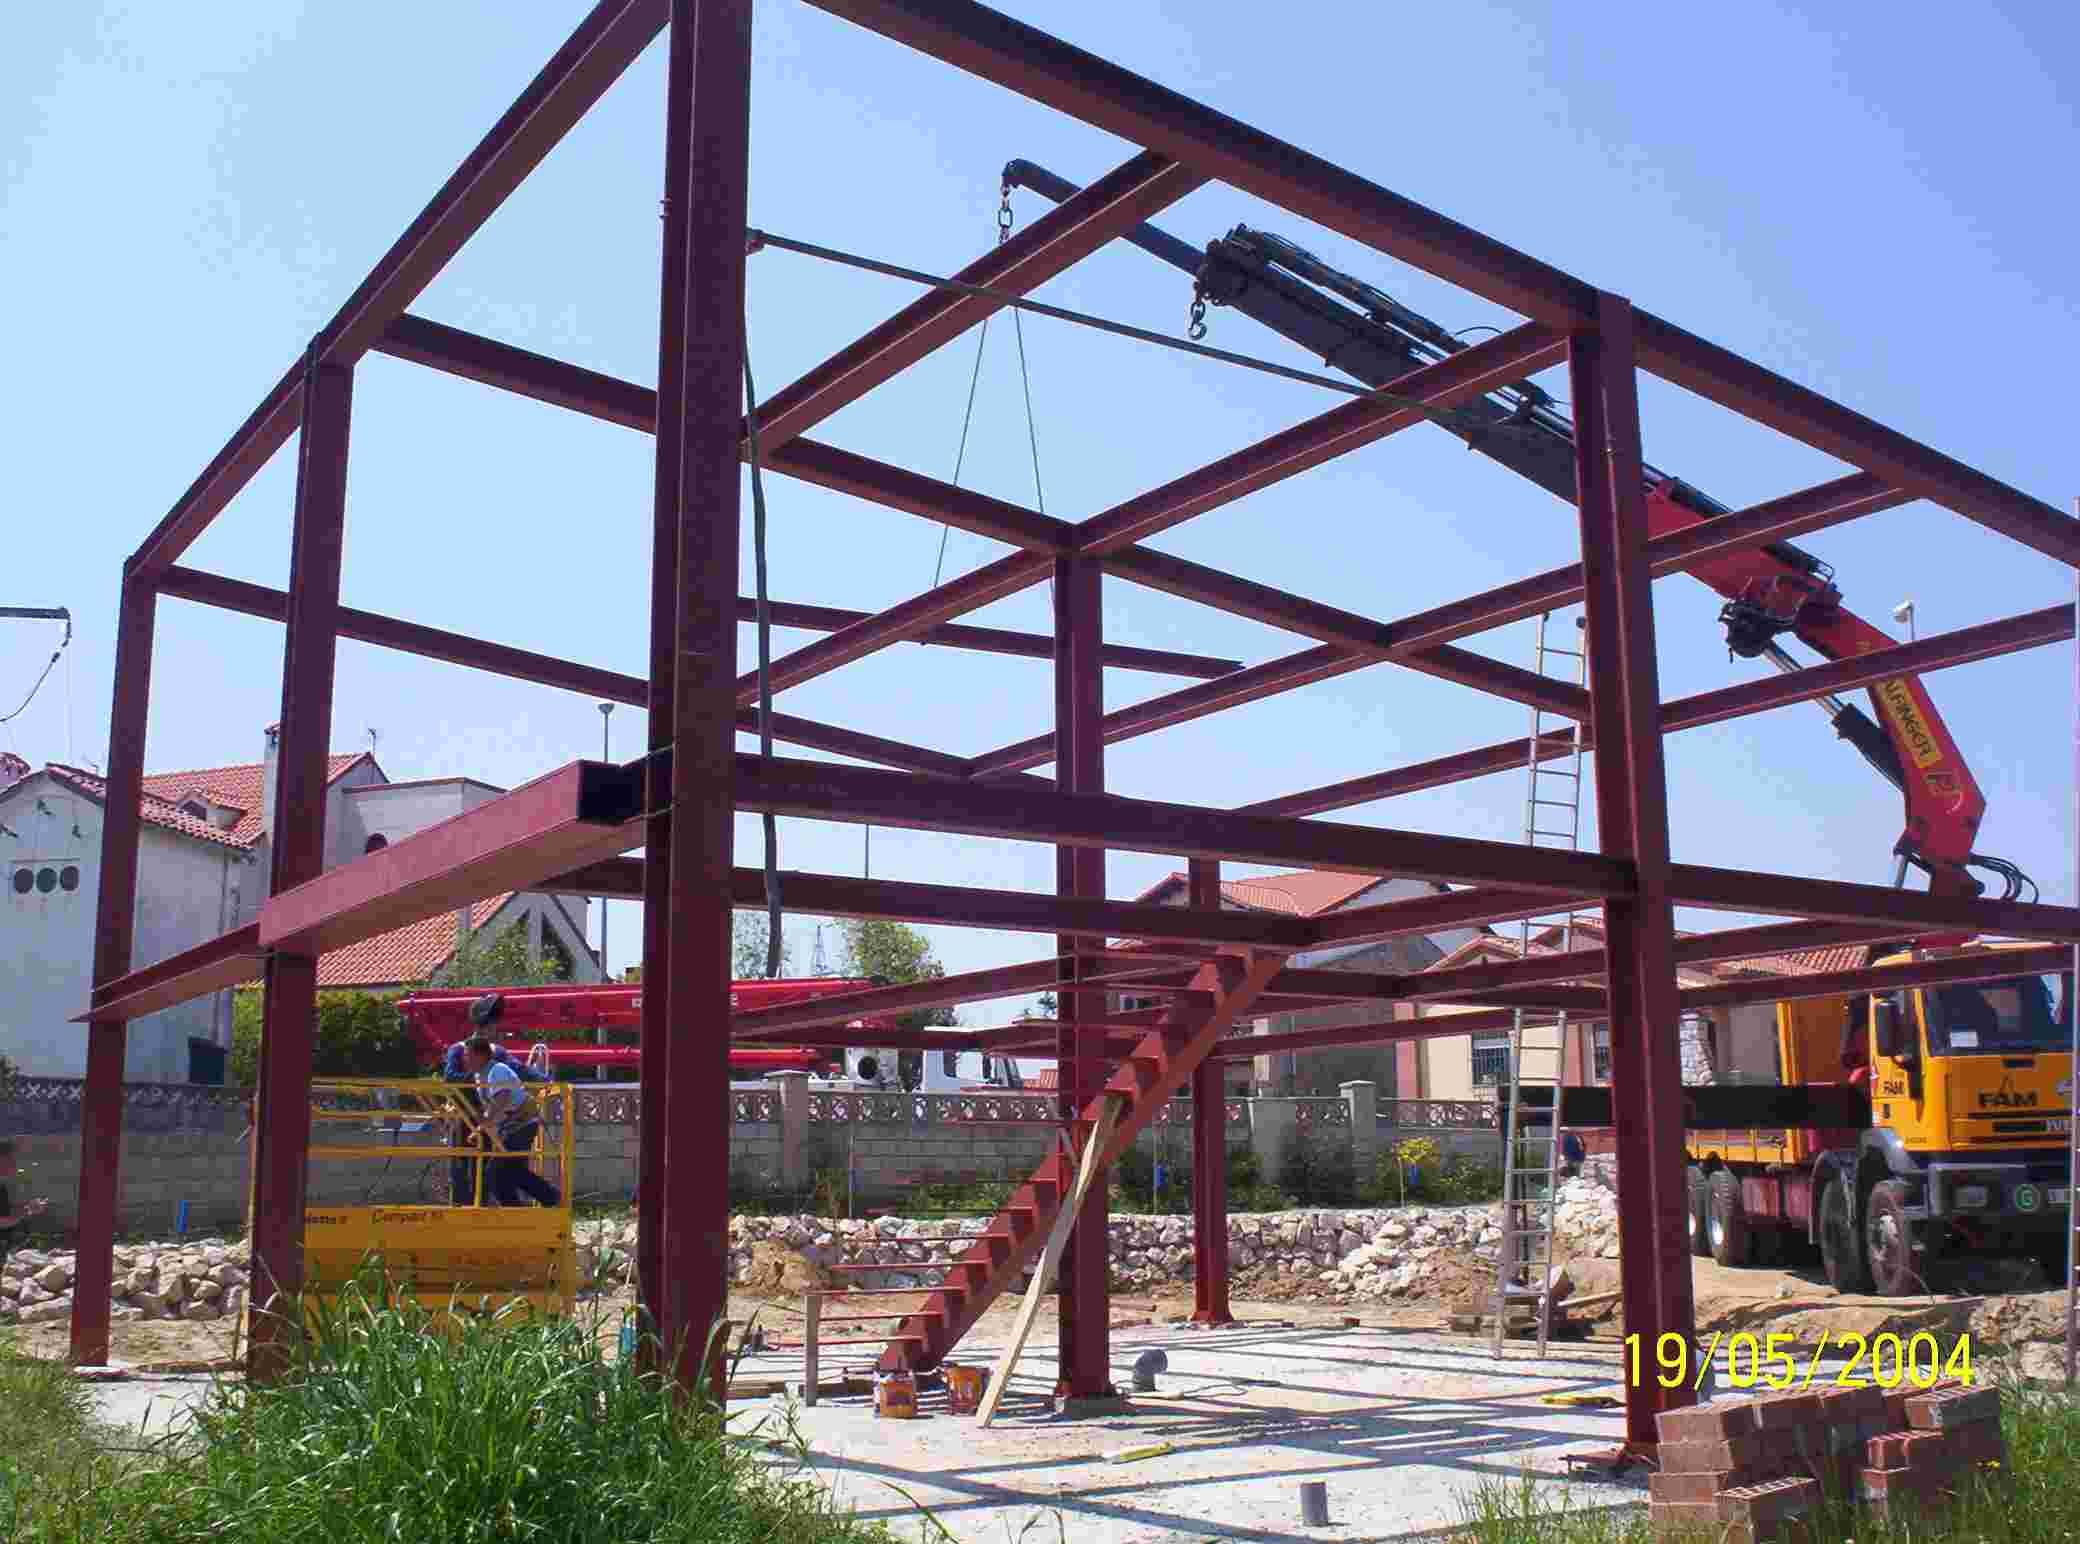 Casas estructura metalica gallery of resultado de imagen - Casas estructura metalica ...